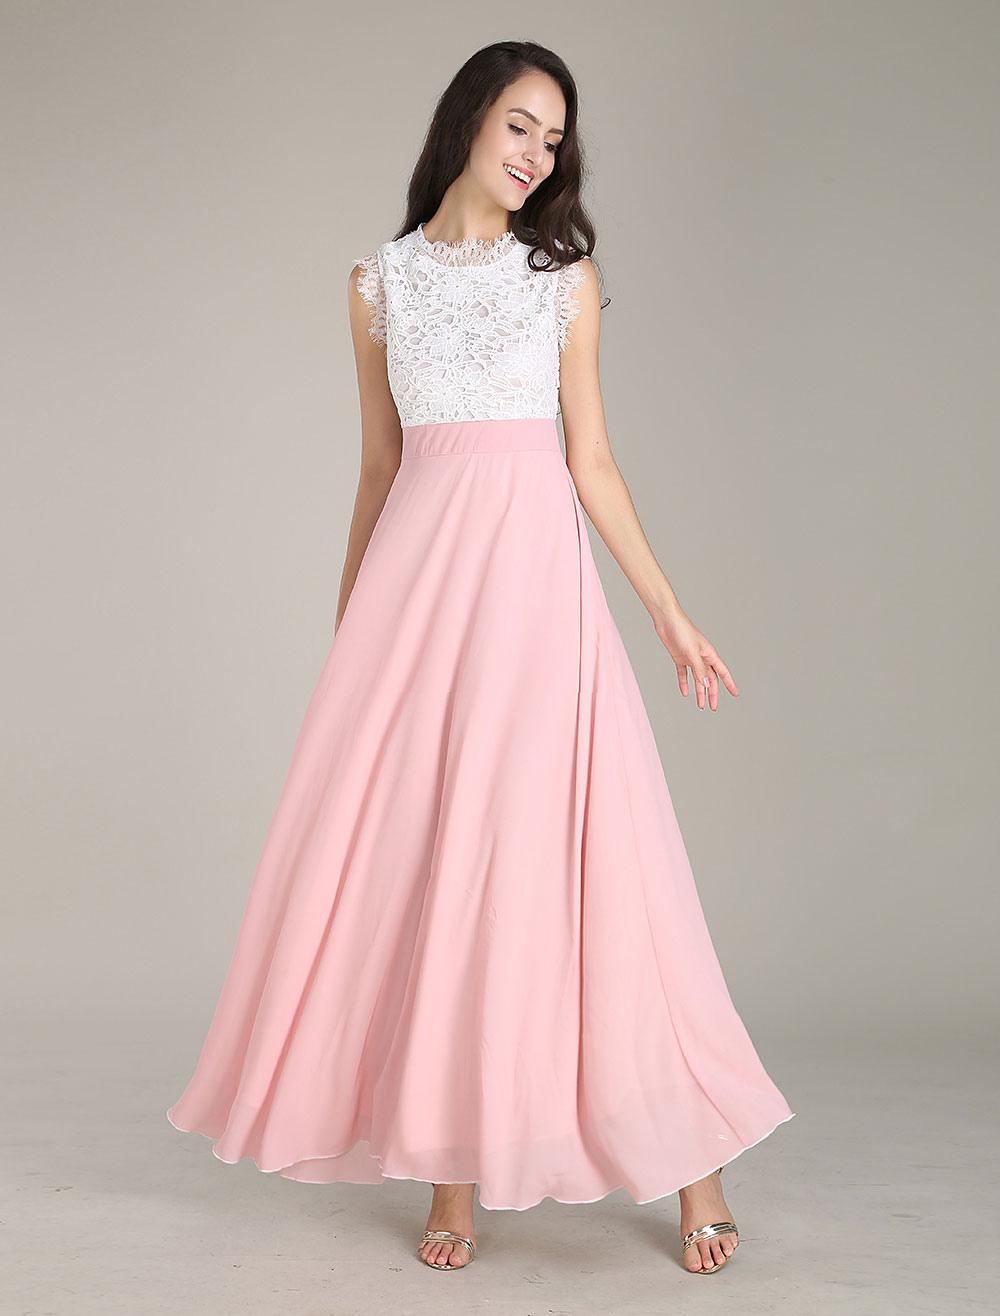 maxikleid ärmellos sommerkleider lang rosa damenmode mit rundkragen und  farbblock für sommer maxi kleid und probe-dinner chiffon kleider